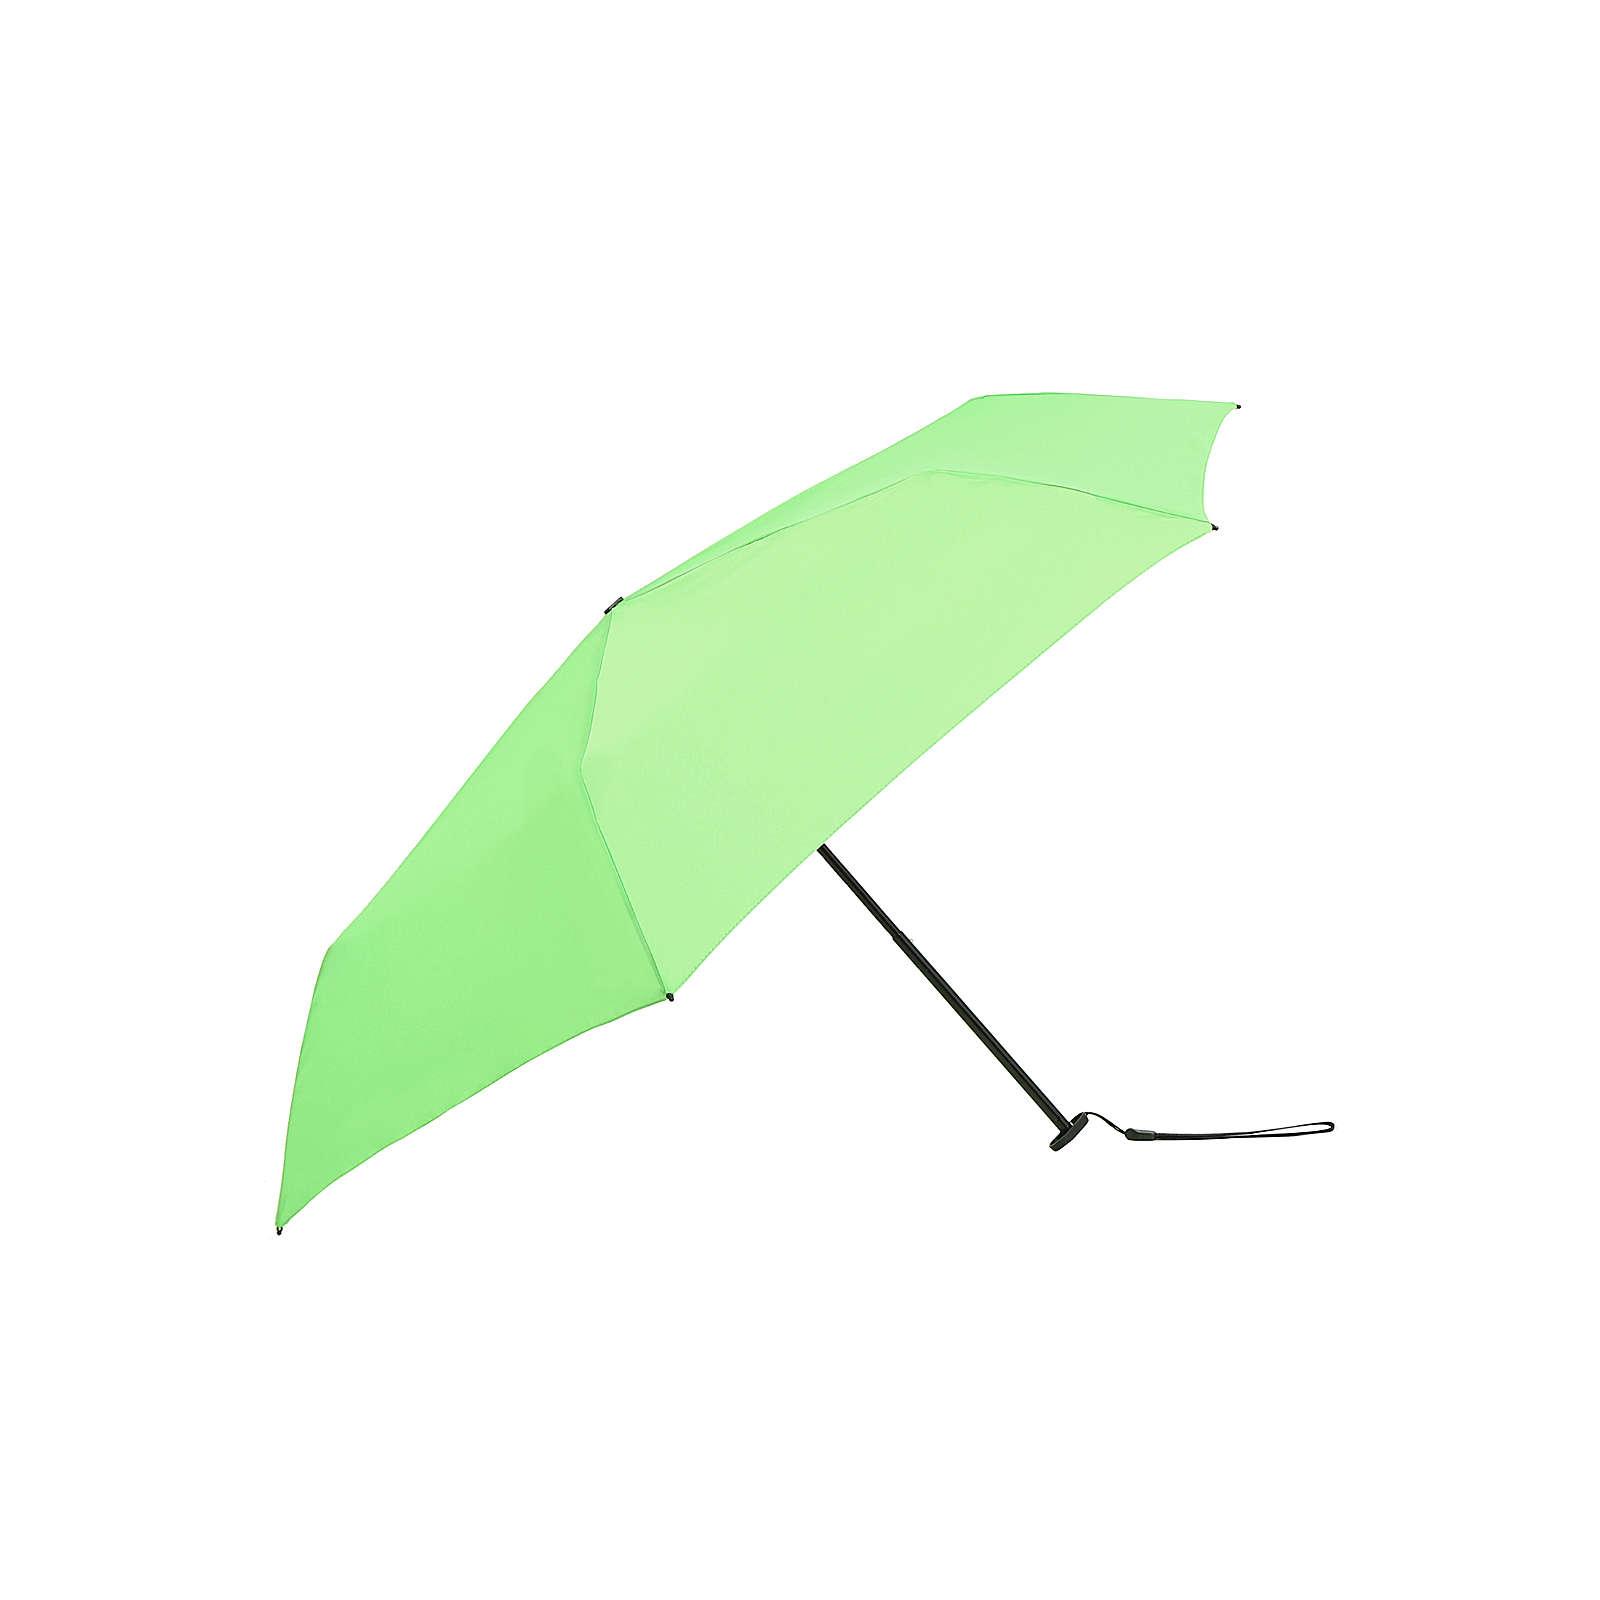 Knirps Regenschirm US.050 Ultra Light Slim Manual Regenschirme grün Herren Gr. one size